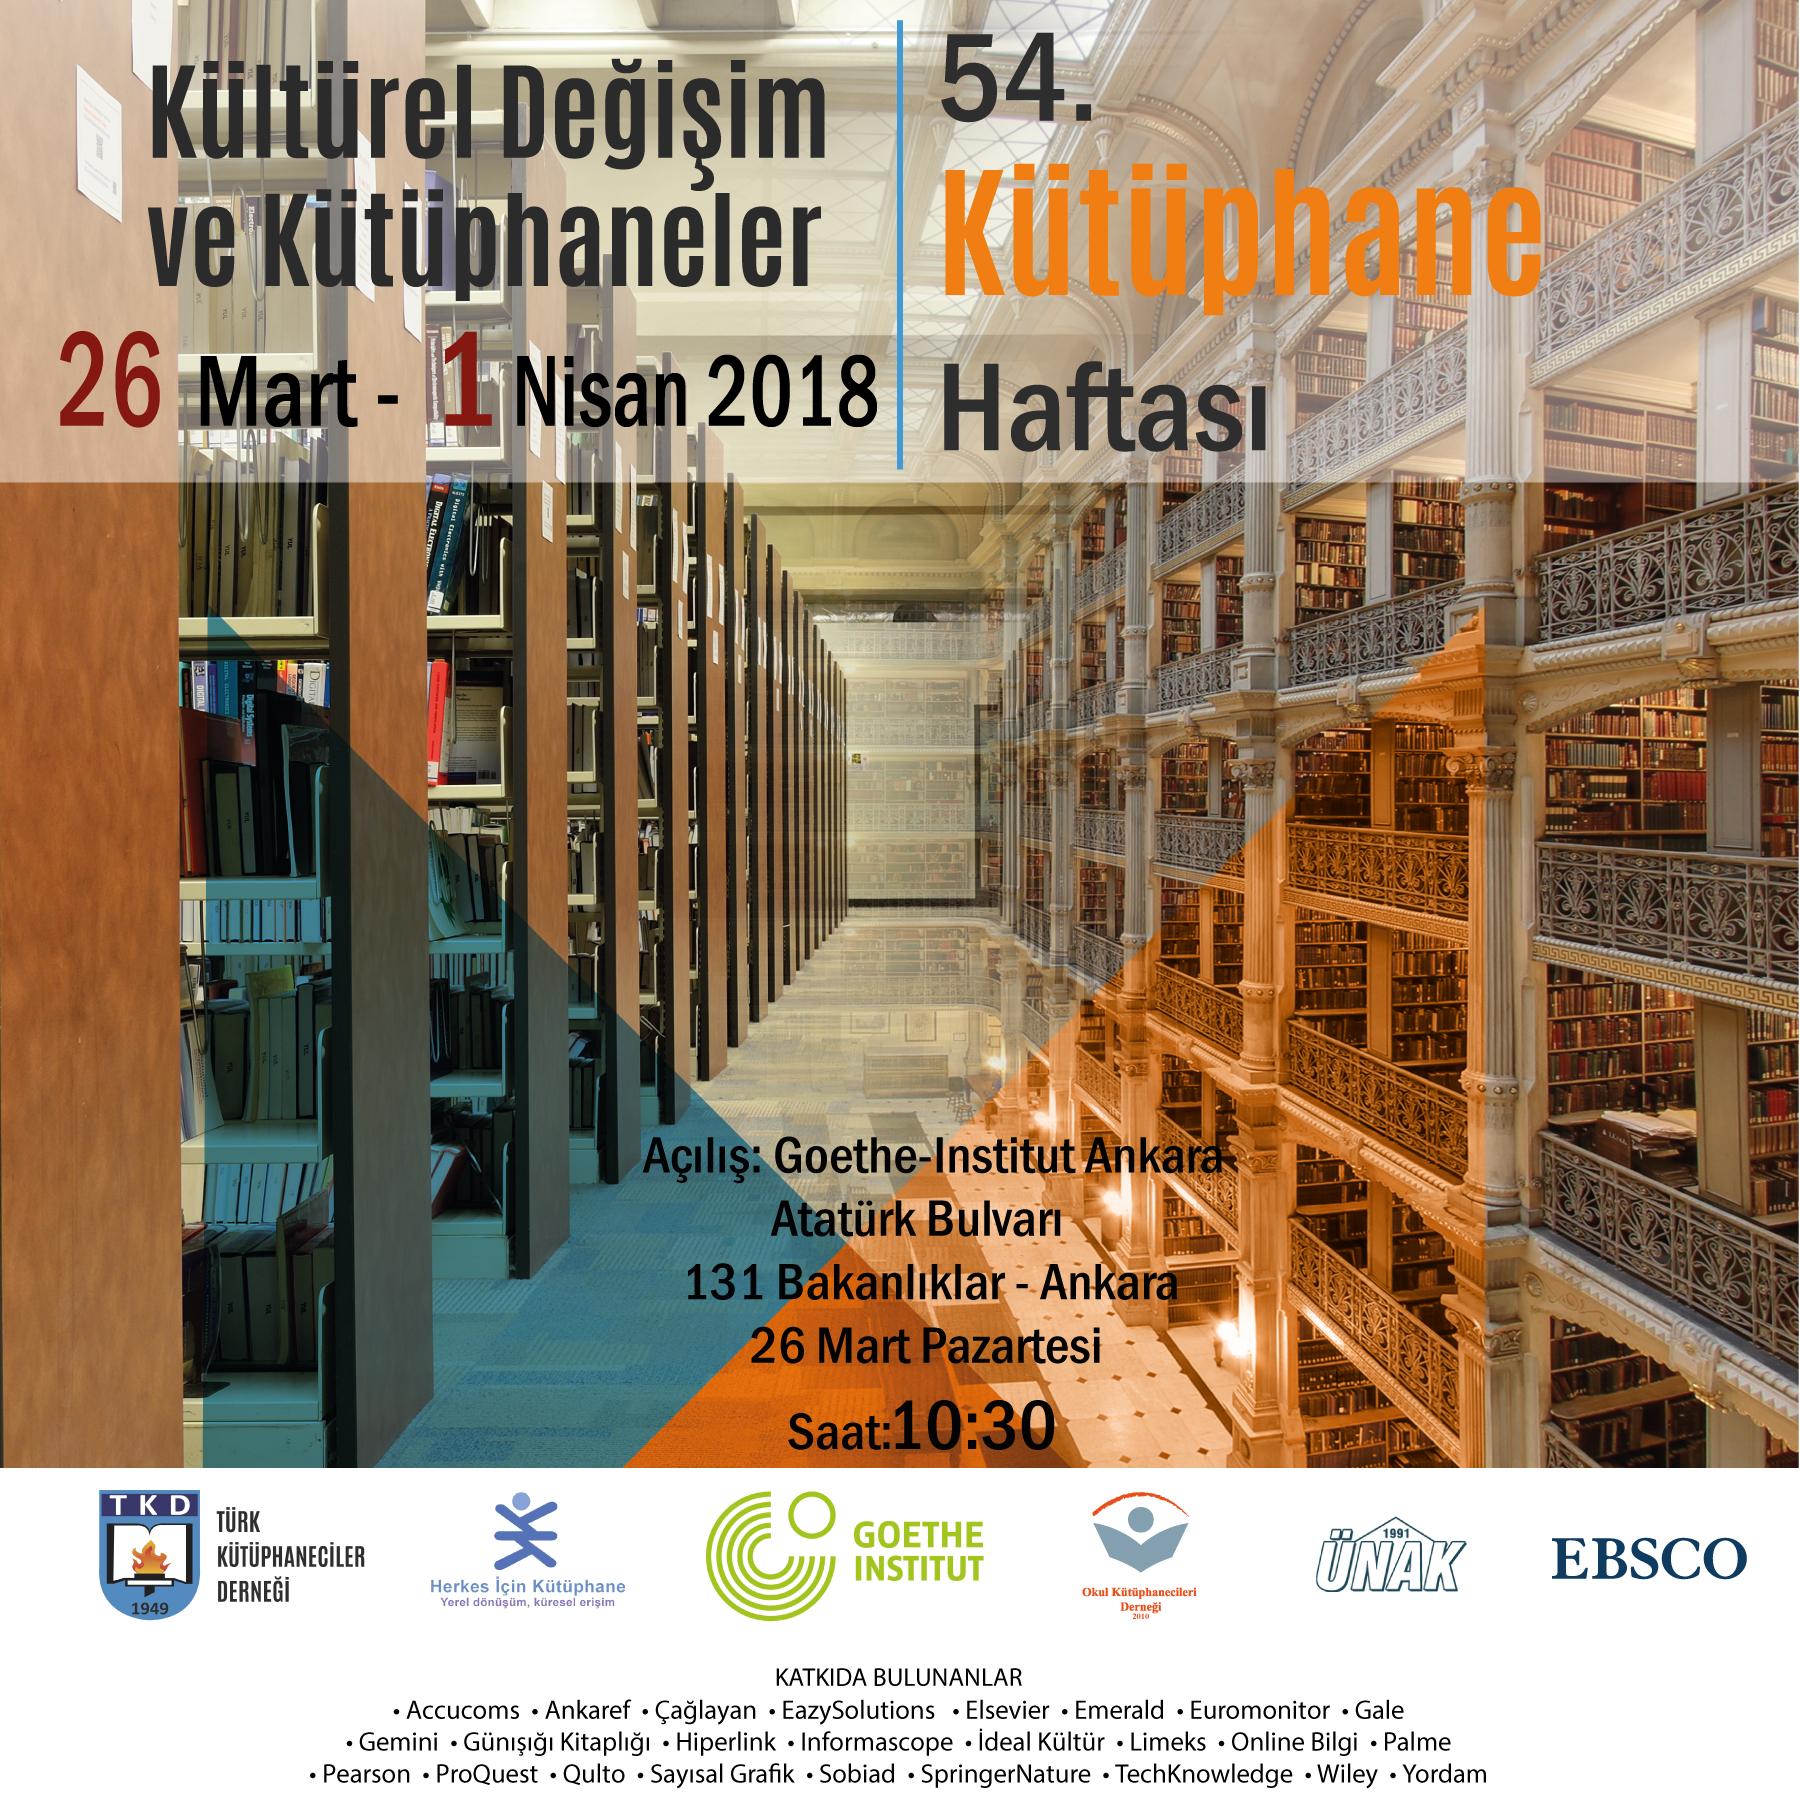 54. Kütüphane Haftası: Kültürel Değişim ve Kütüphaneler